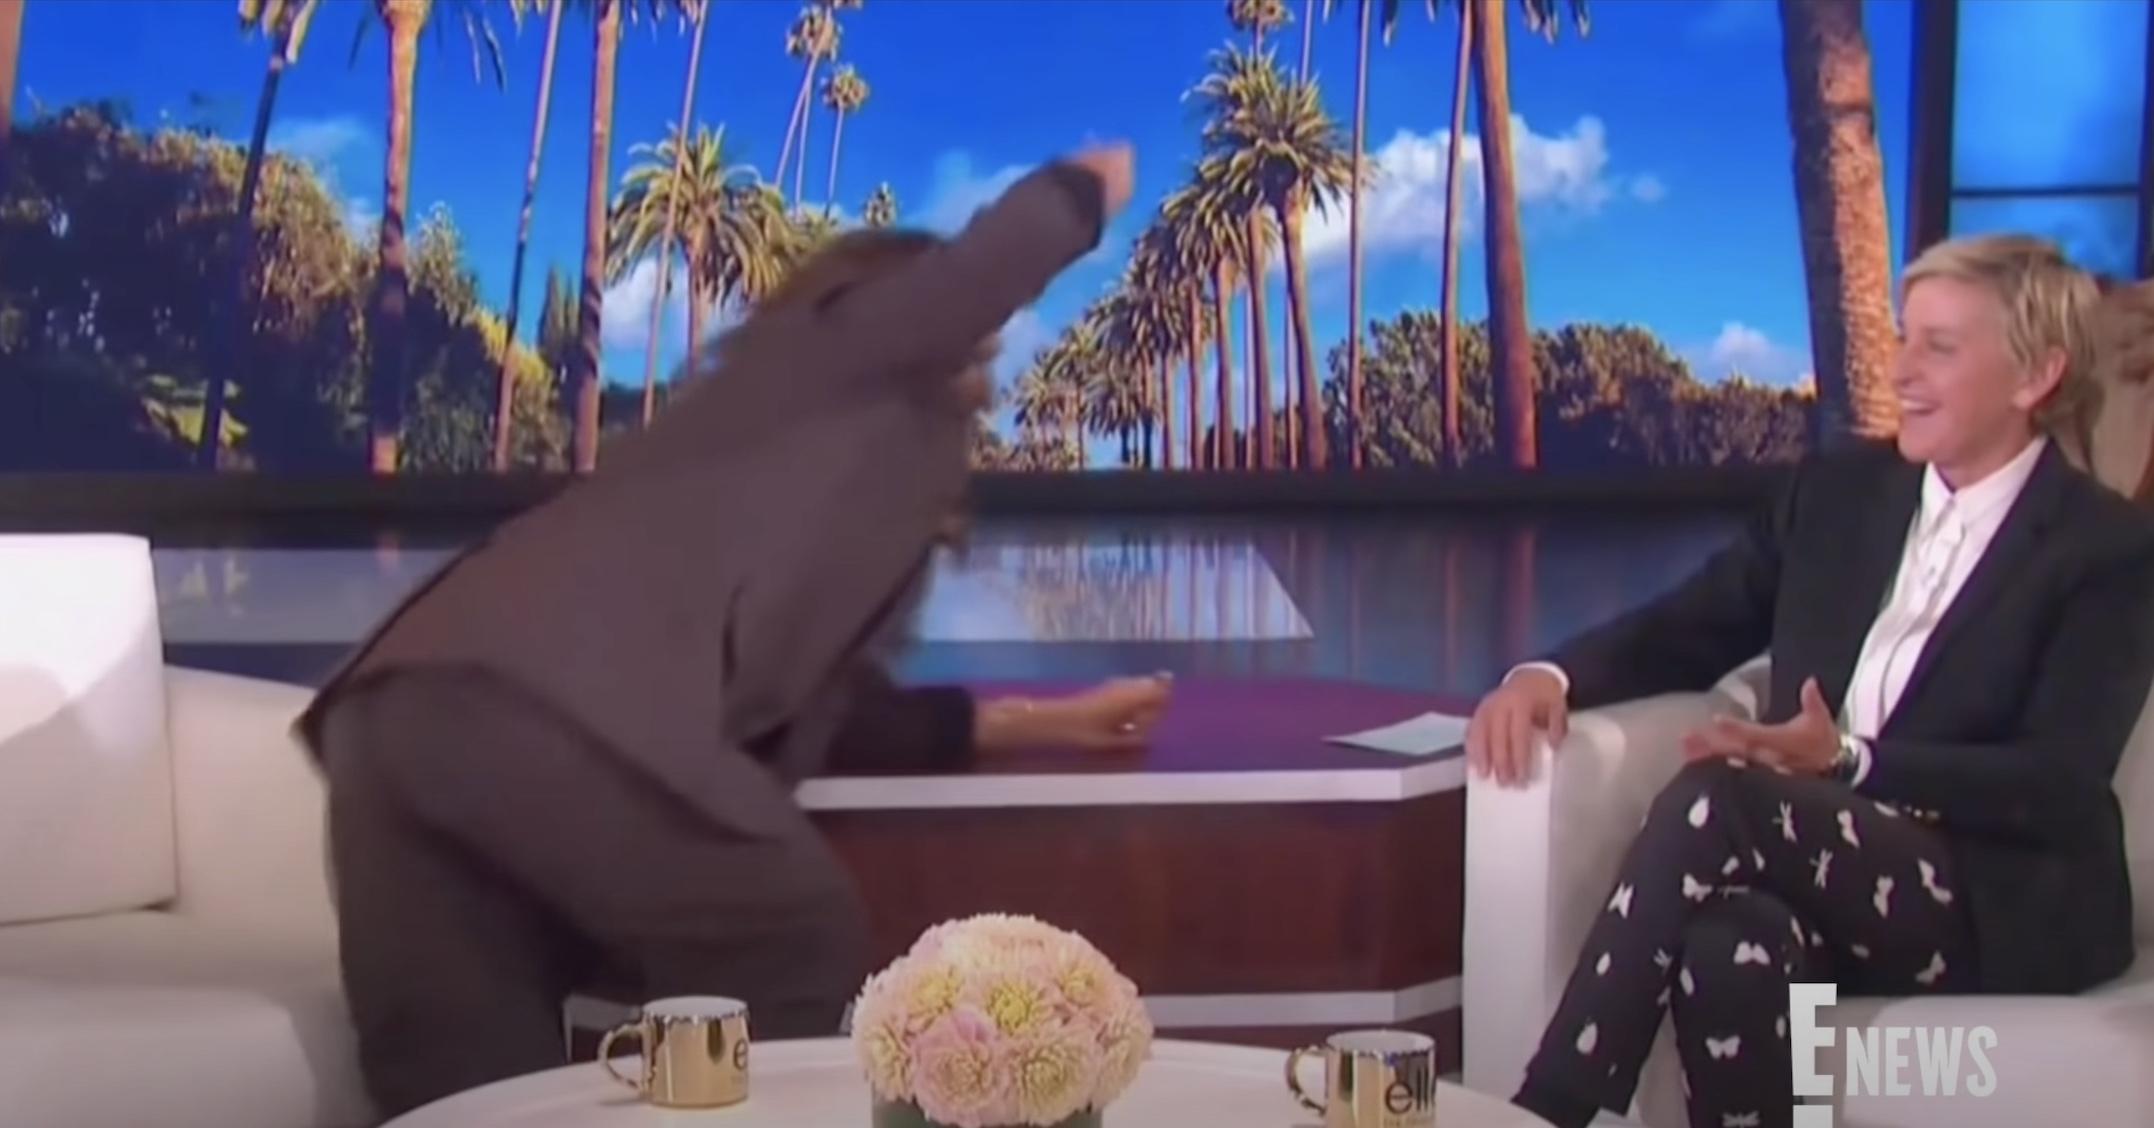 Leah Remini slaps Ellen after interview goes awry